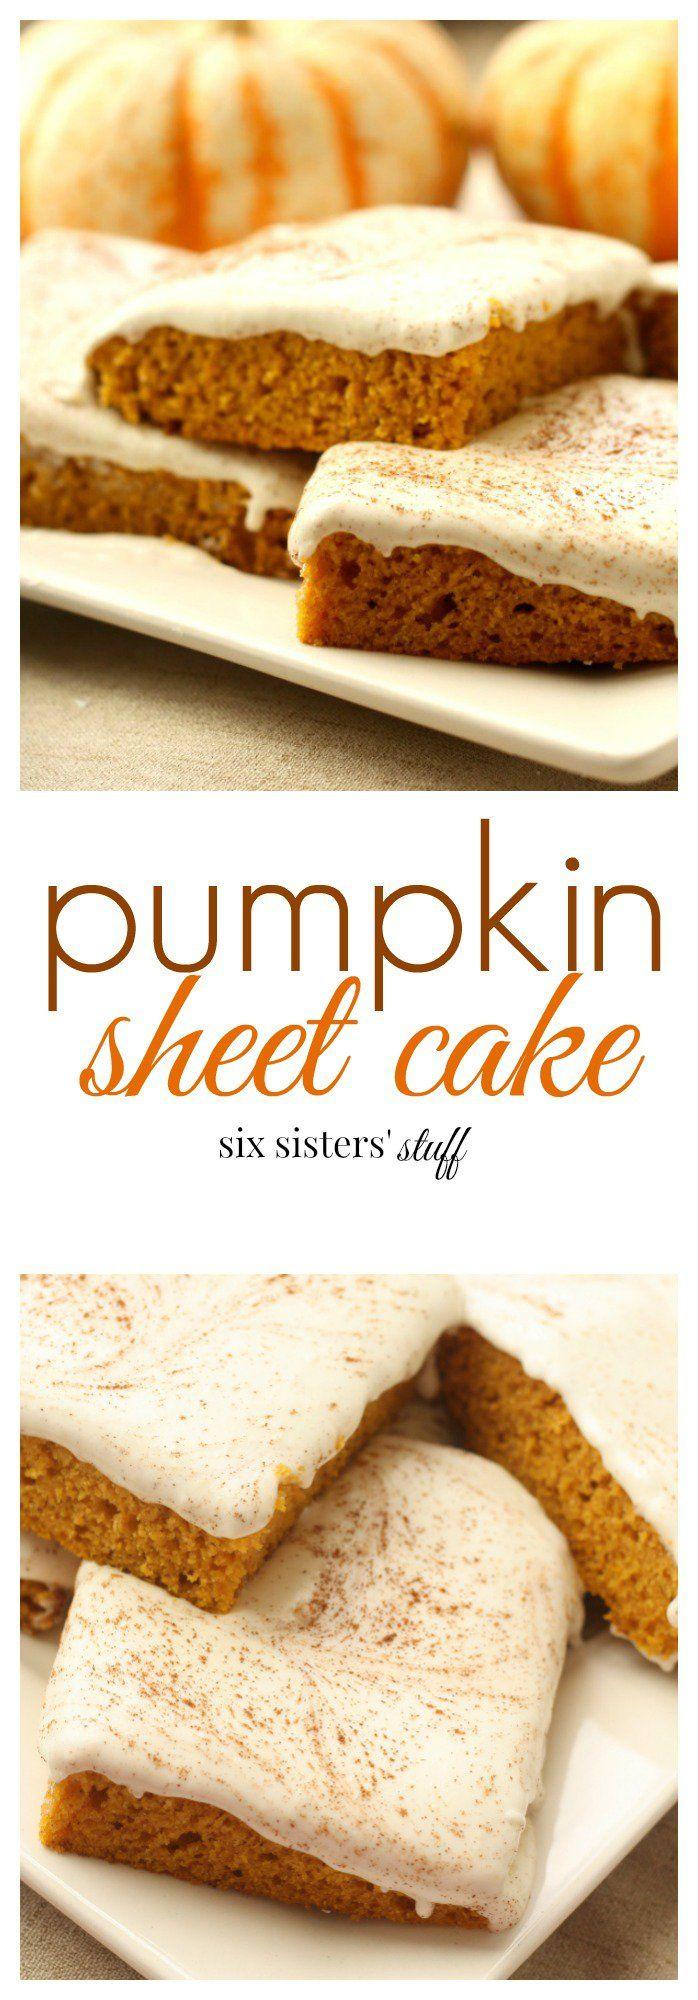 Pumpkin Sheet Cake from SixSistersStuff.com | The perfect homemade fall dessert!